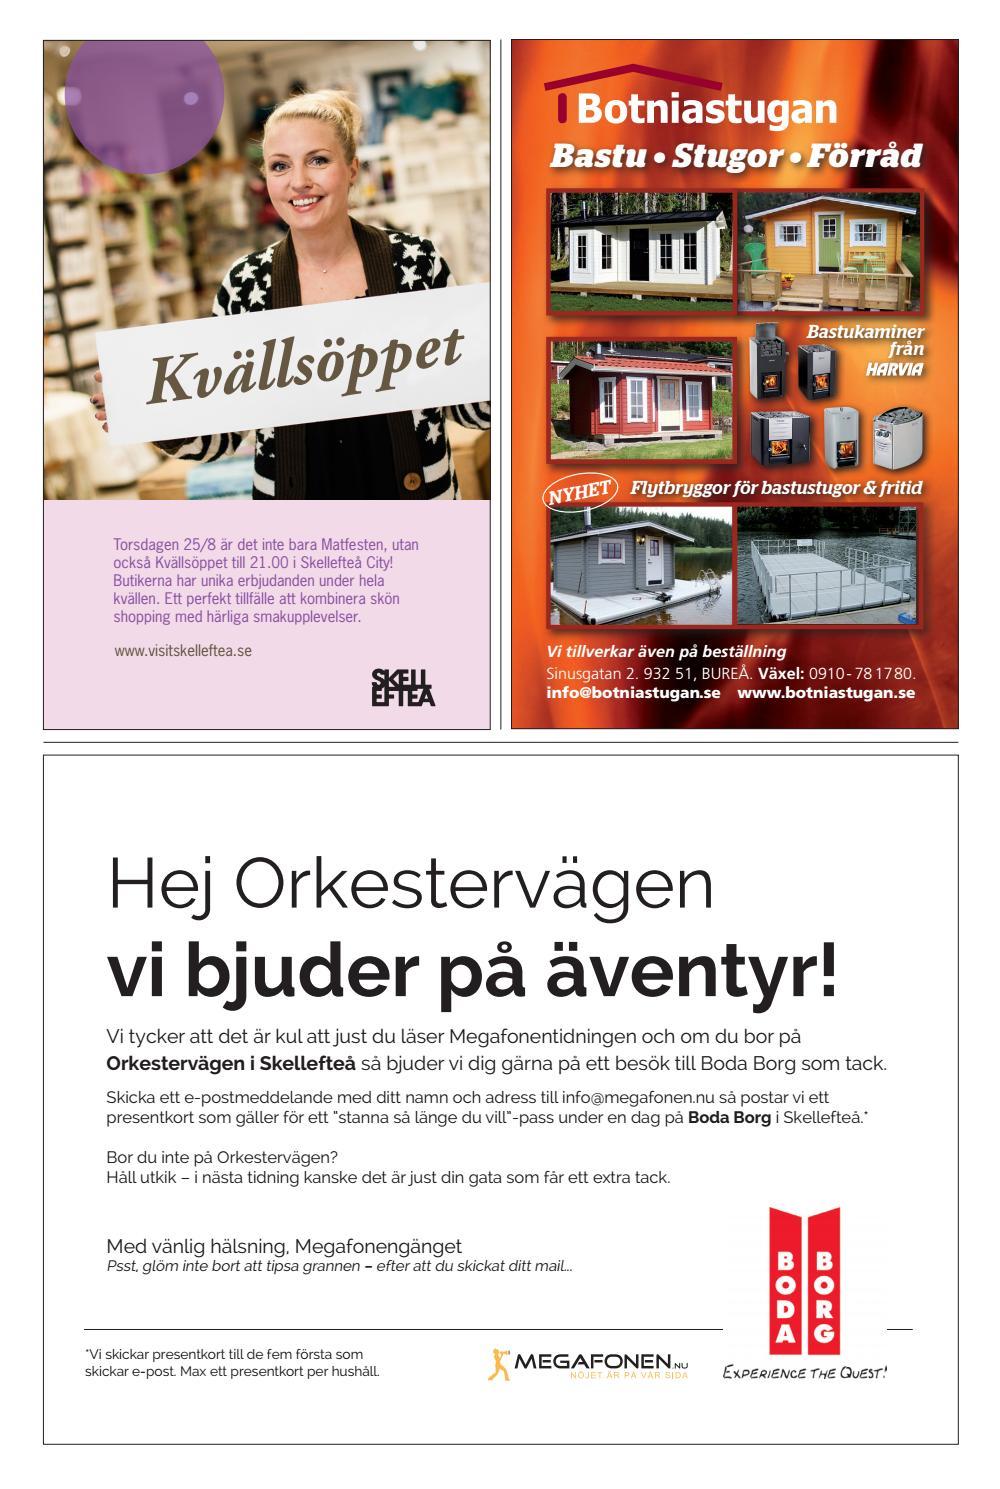 Megafonentidningen nr 7 2016 by Nöjesmegafonen i Skellefteå AB - issuu